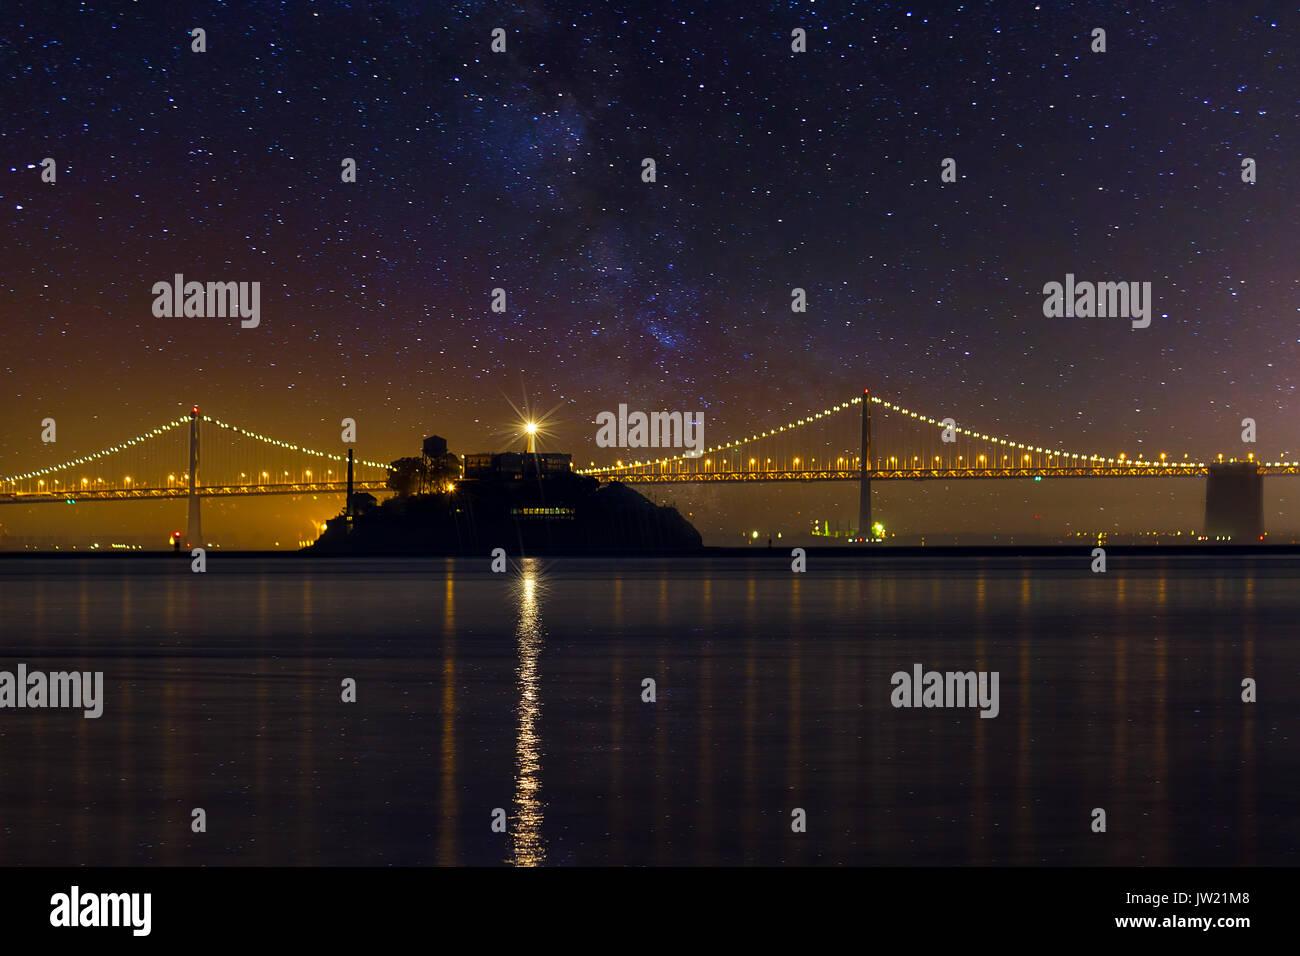 La Isla de Alcatraz en San Francisco, California bajo las estrellas en la noche Foto de stock